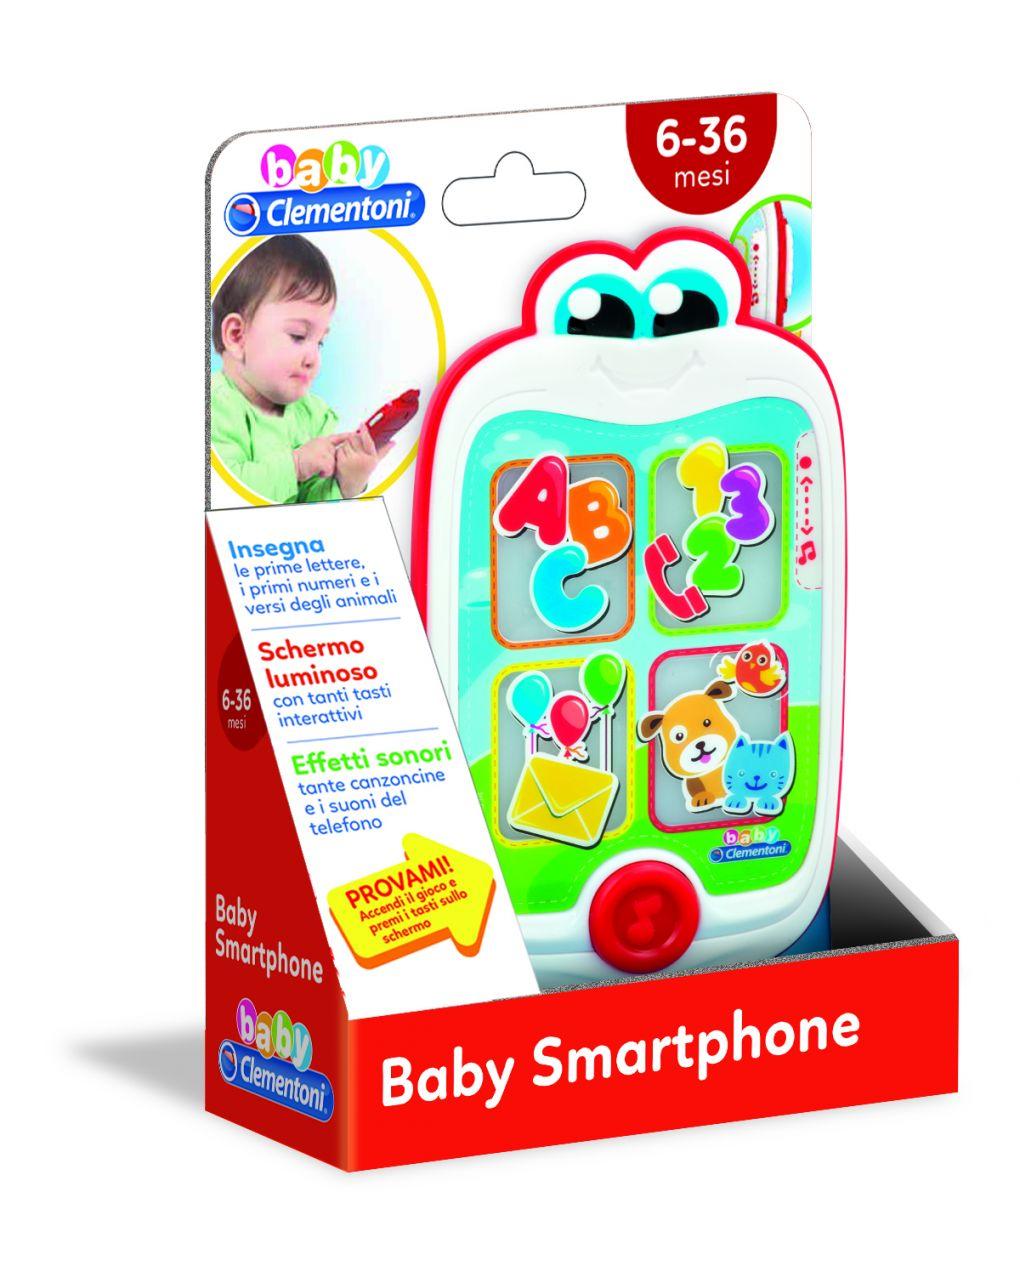 Baby clementoni - baby smartphone - Clementoni